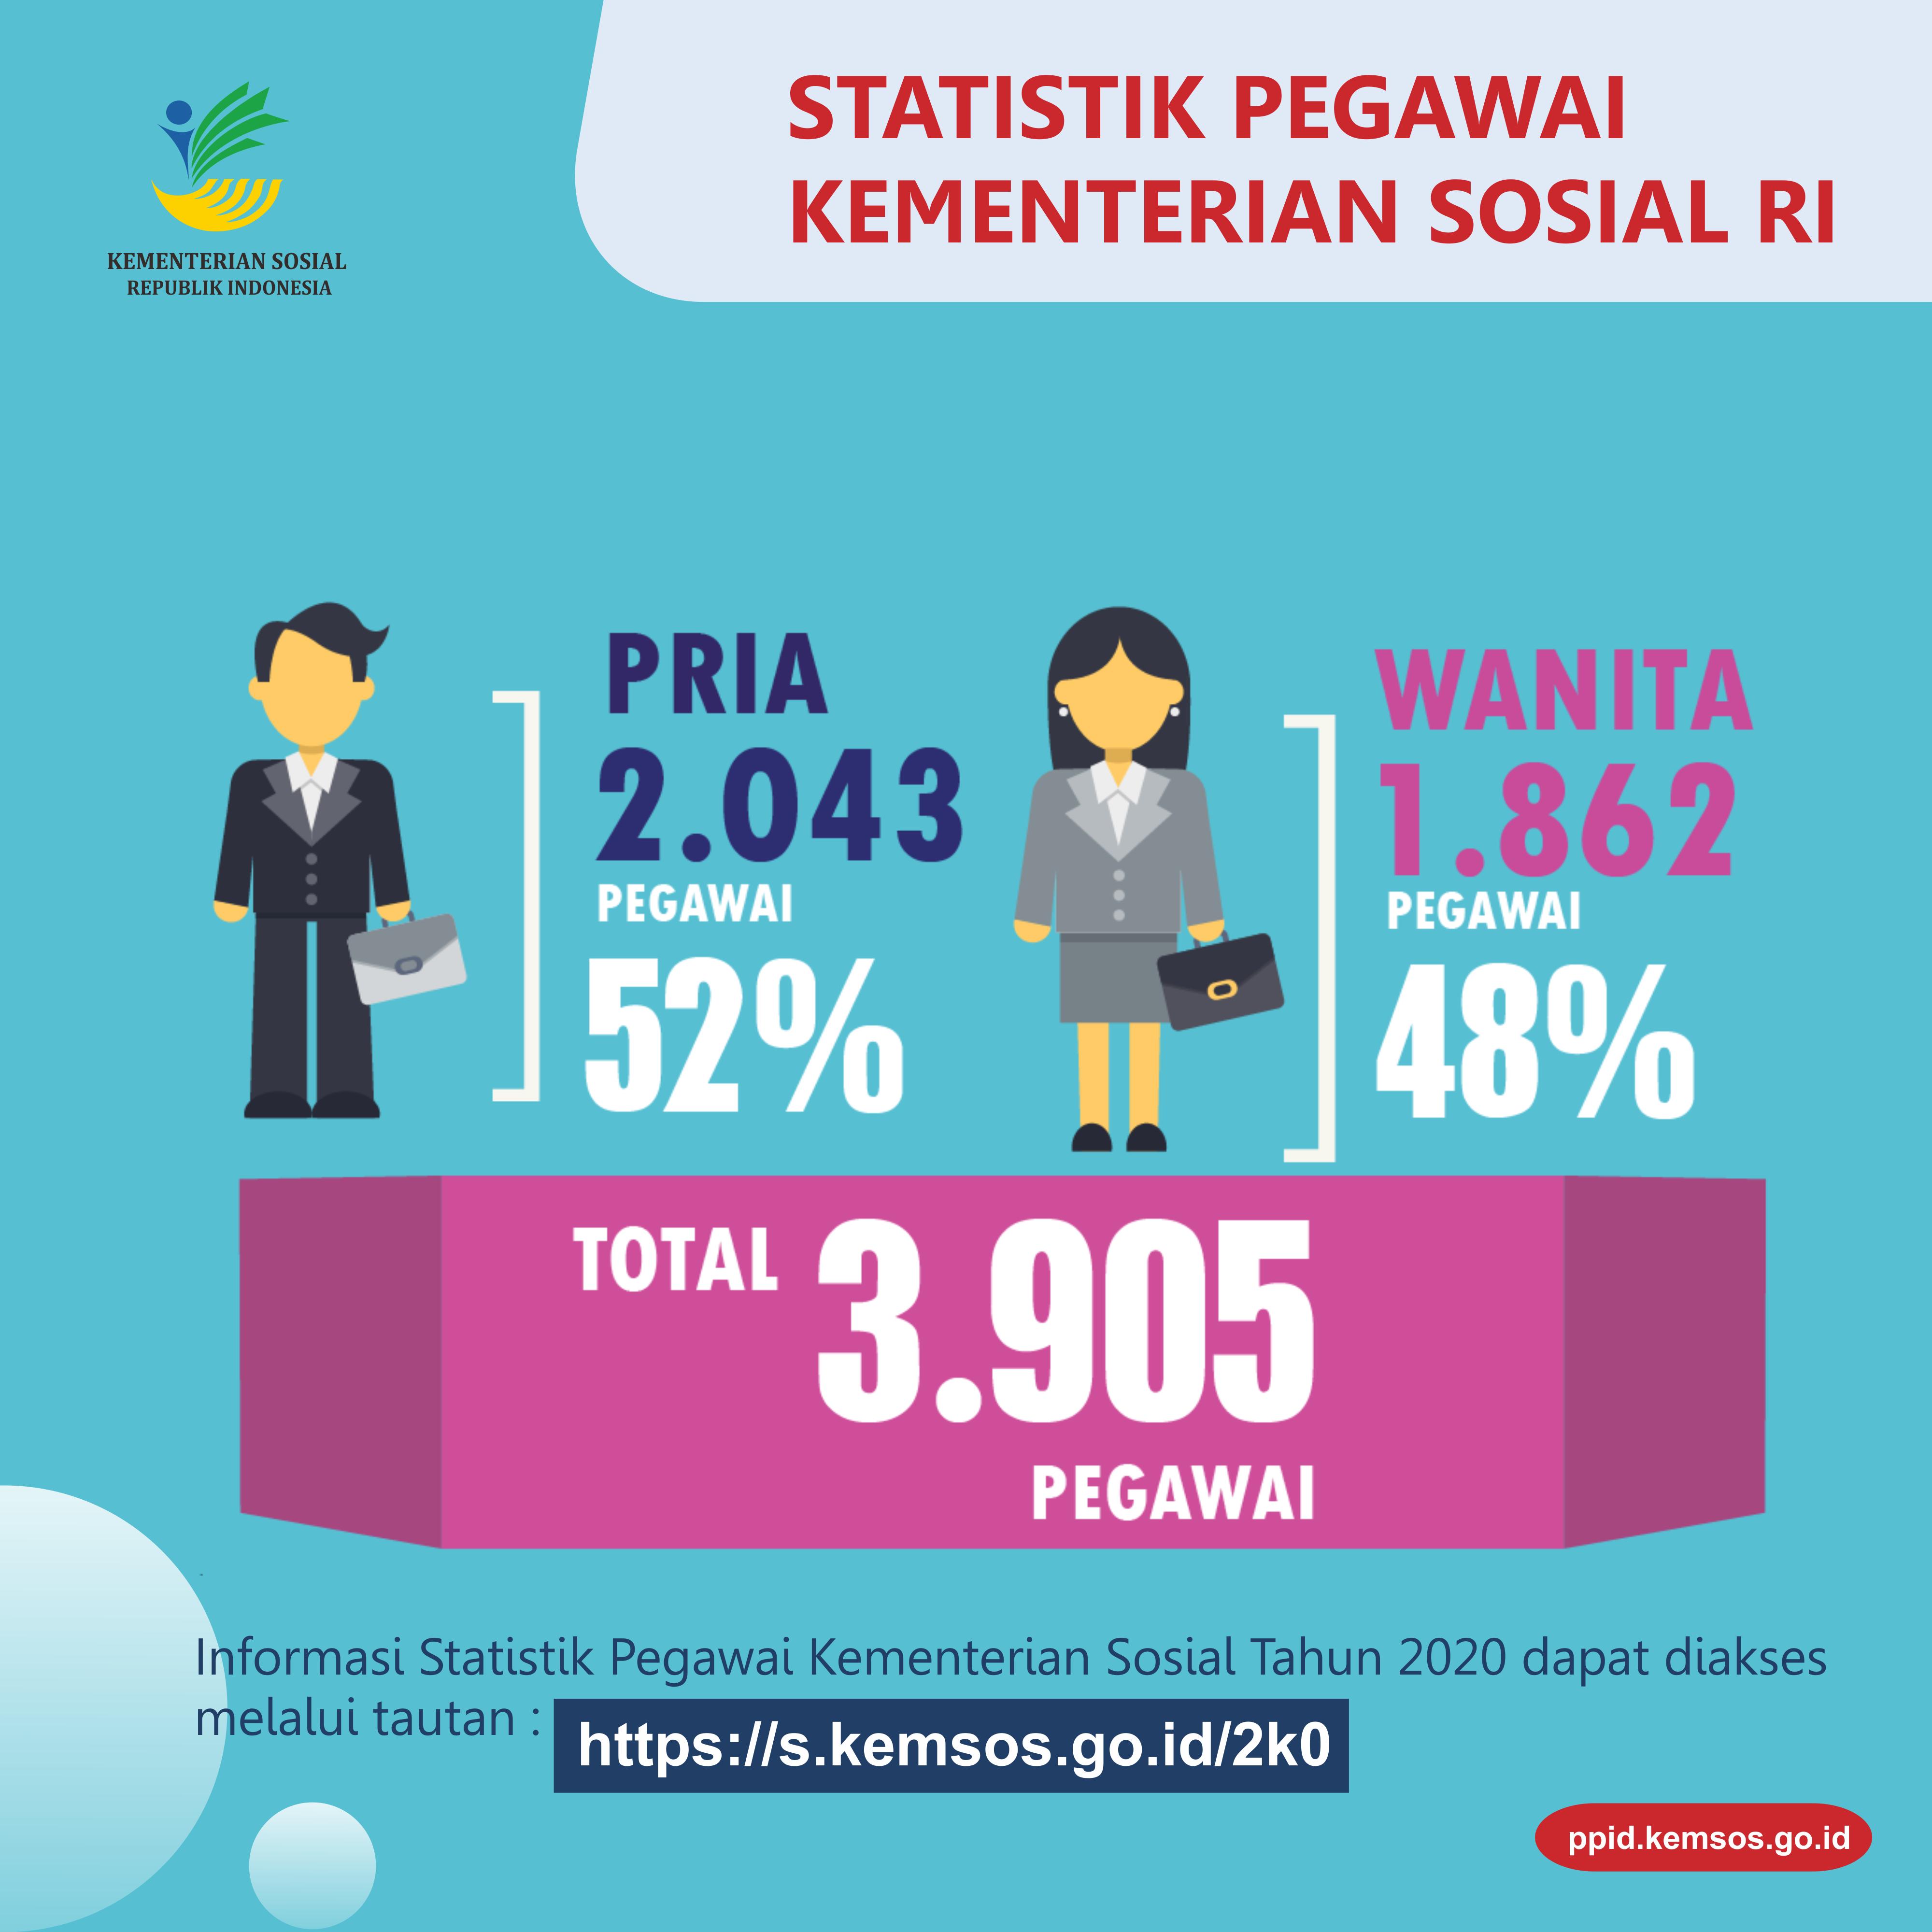 Statistik Pegawai1